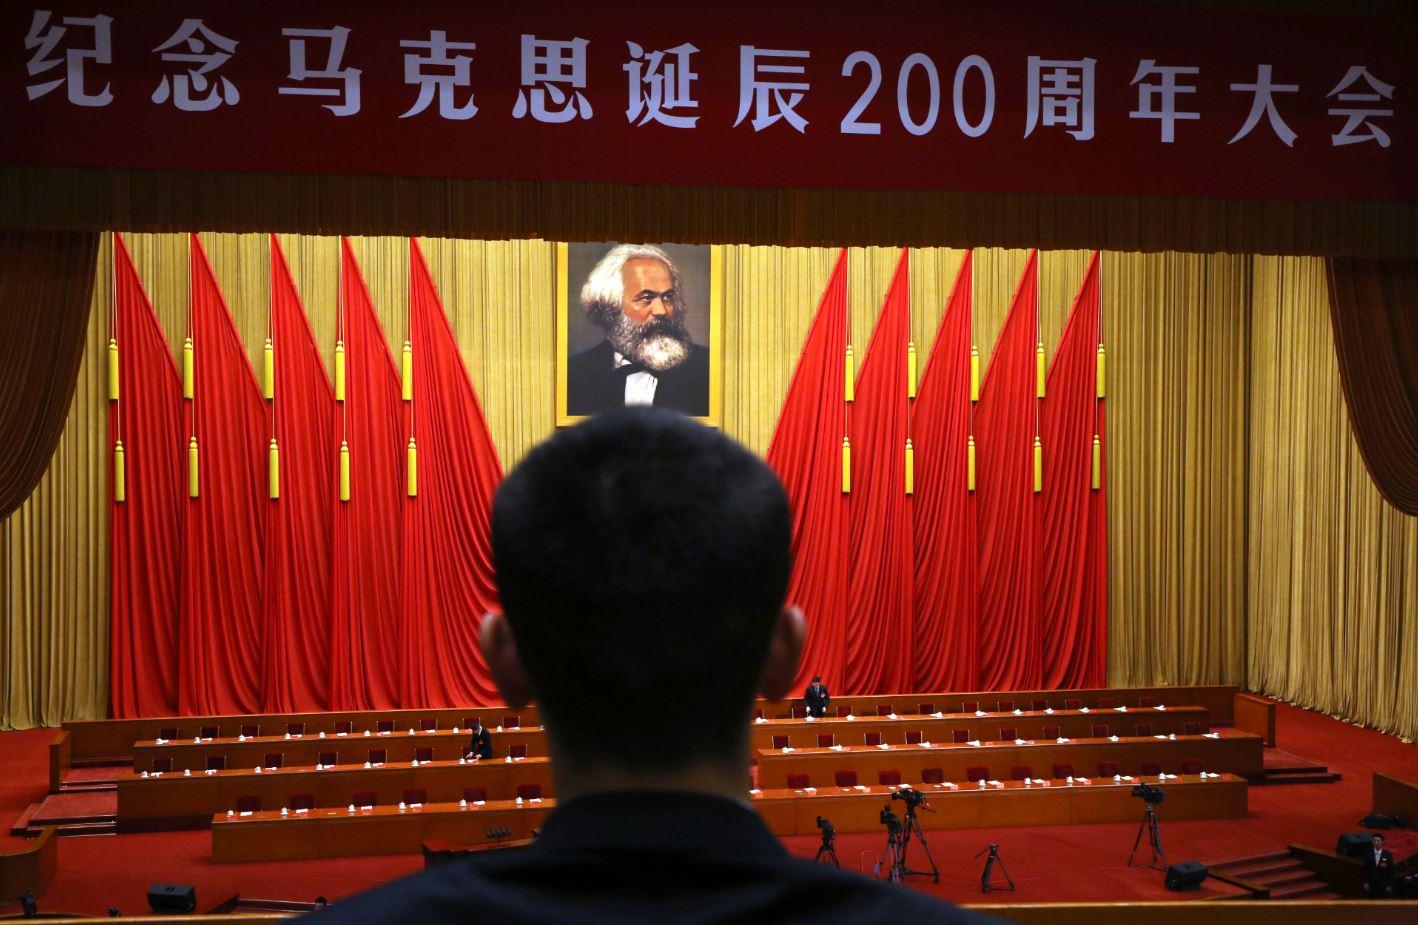 El parlamento chino durante la celebración del natalicio de Karl Marx en mayo de 2018 (AP Images)